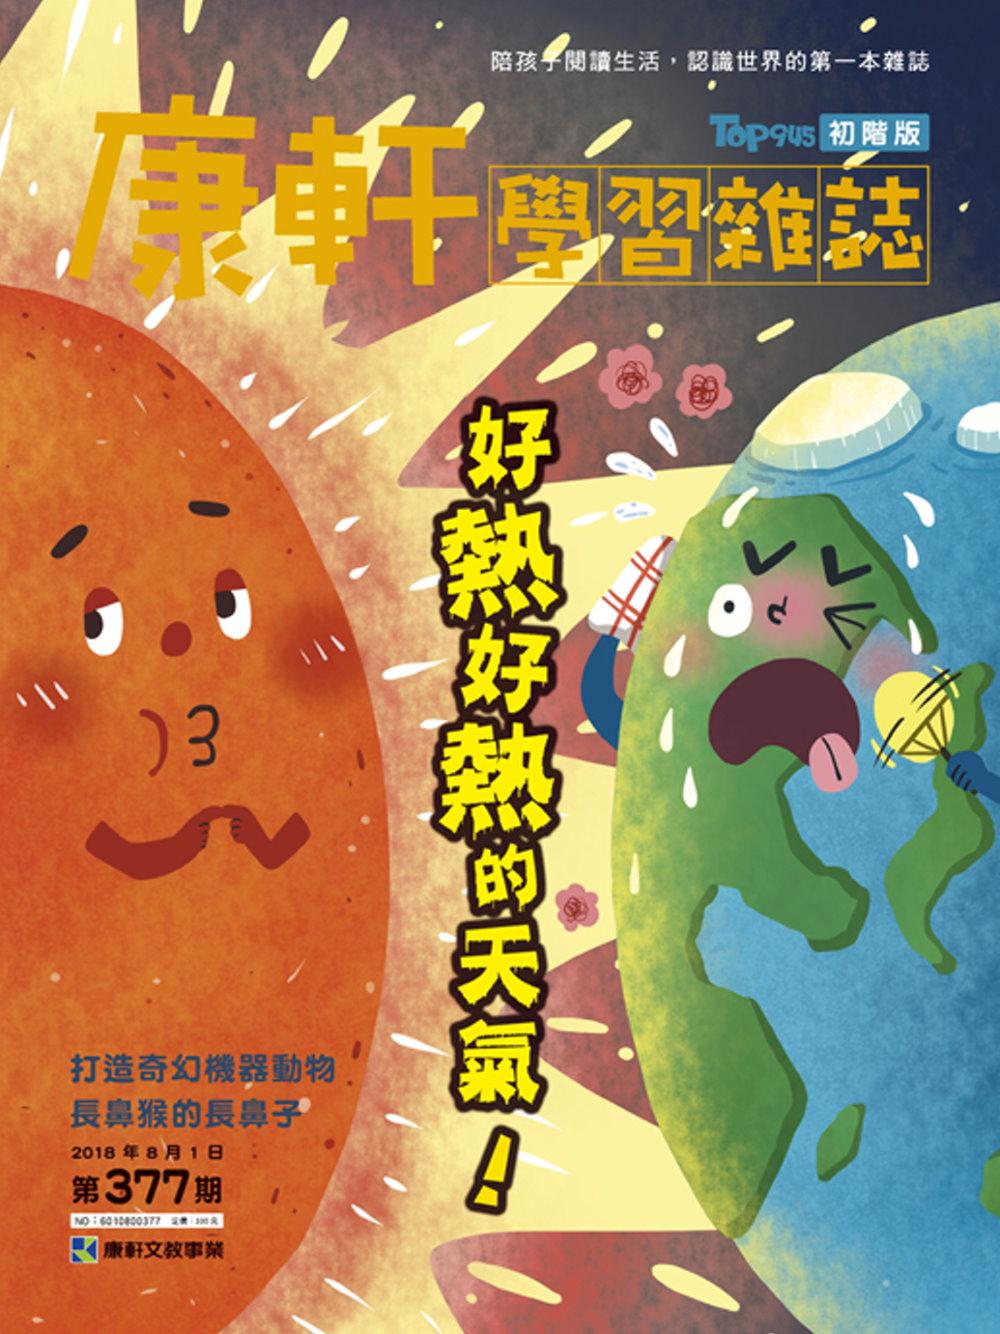 Top945康軒學習雜誌初階版 2018/8/1第377期